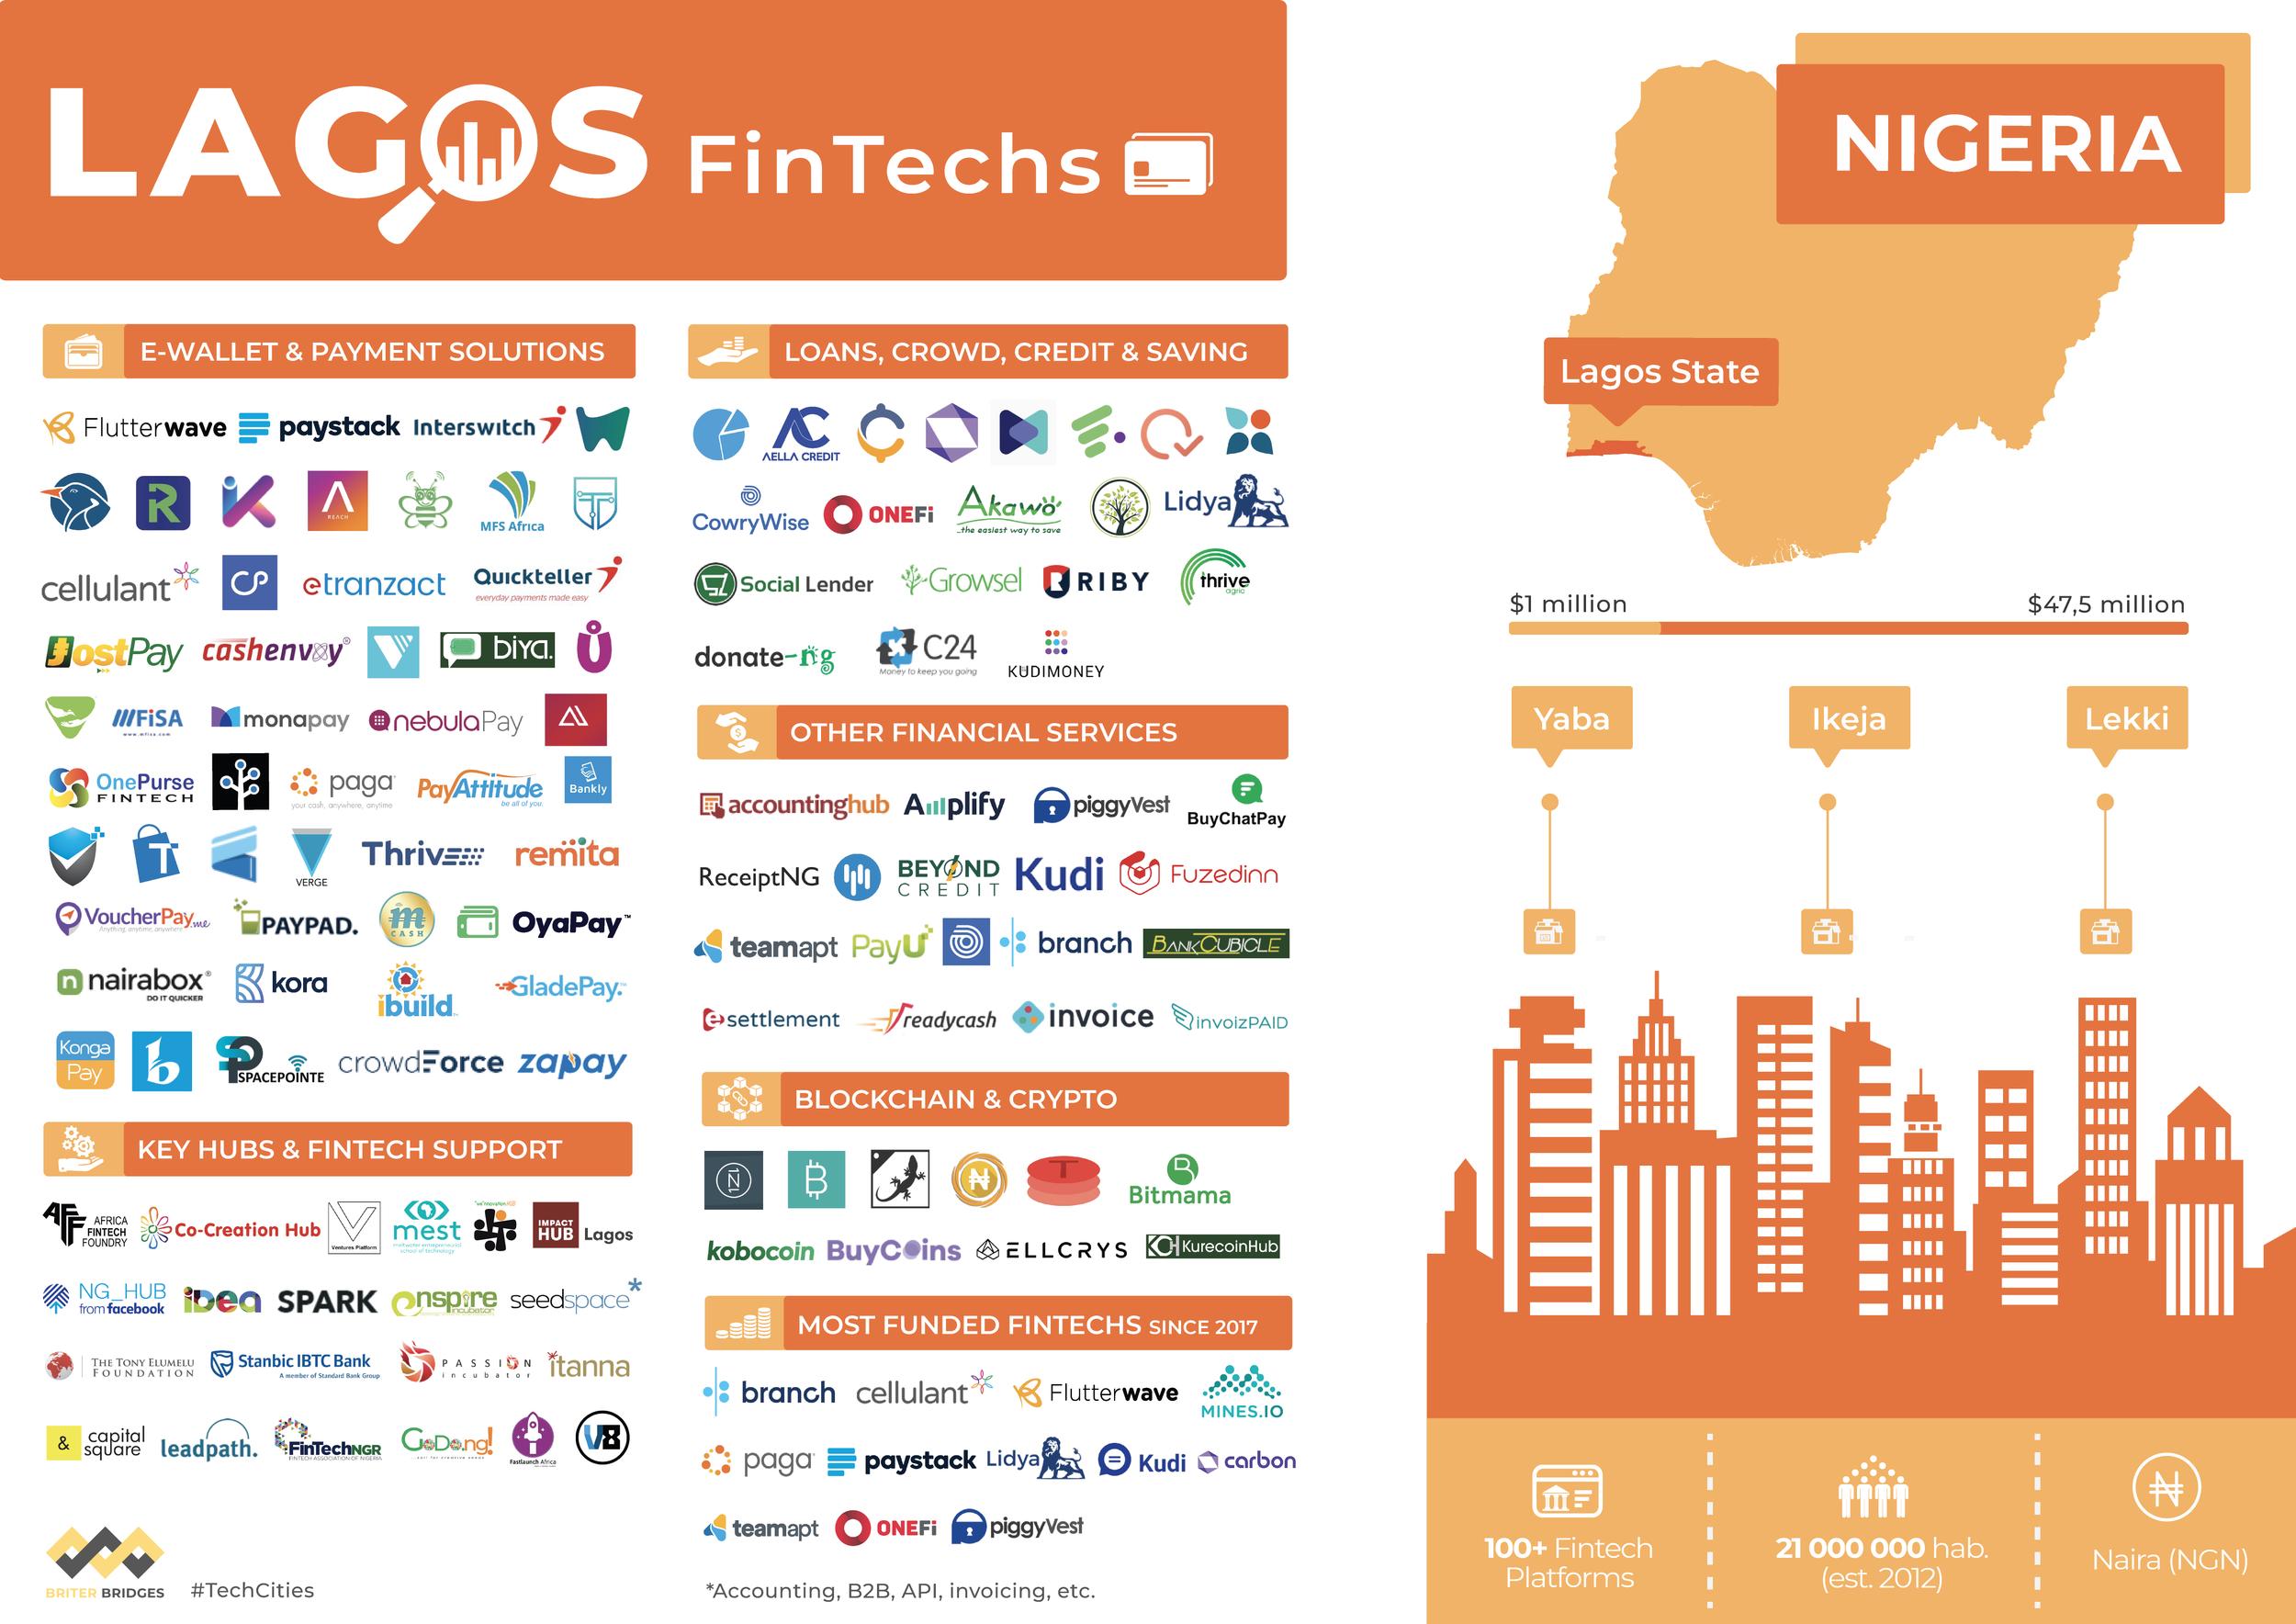 Fintechs in Lagos, Nigeria - Q3 2019